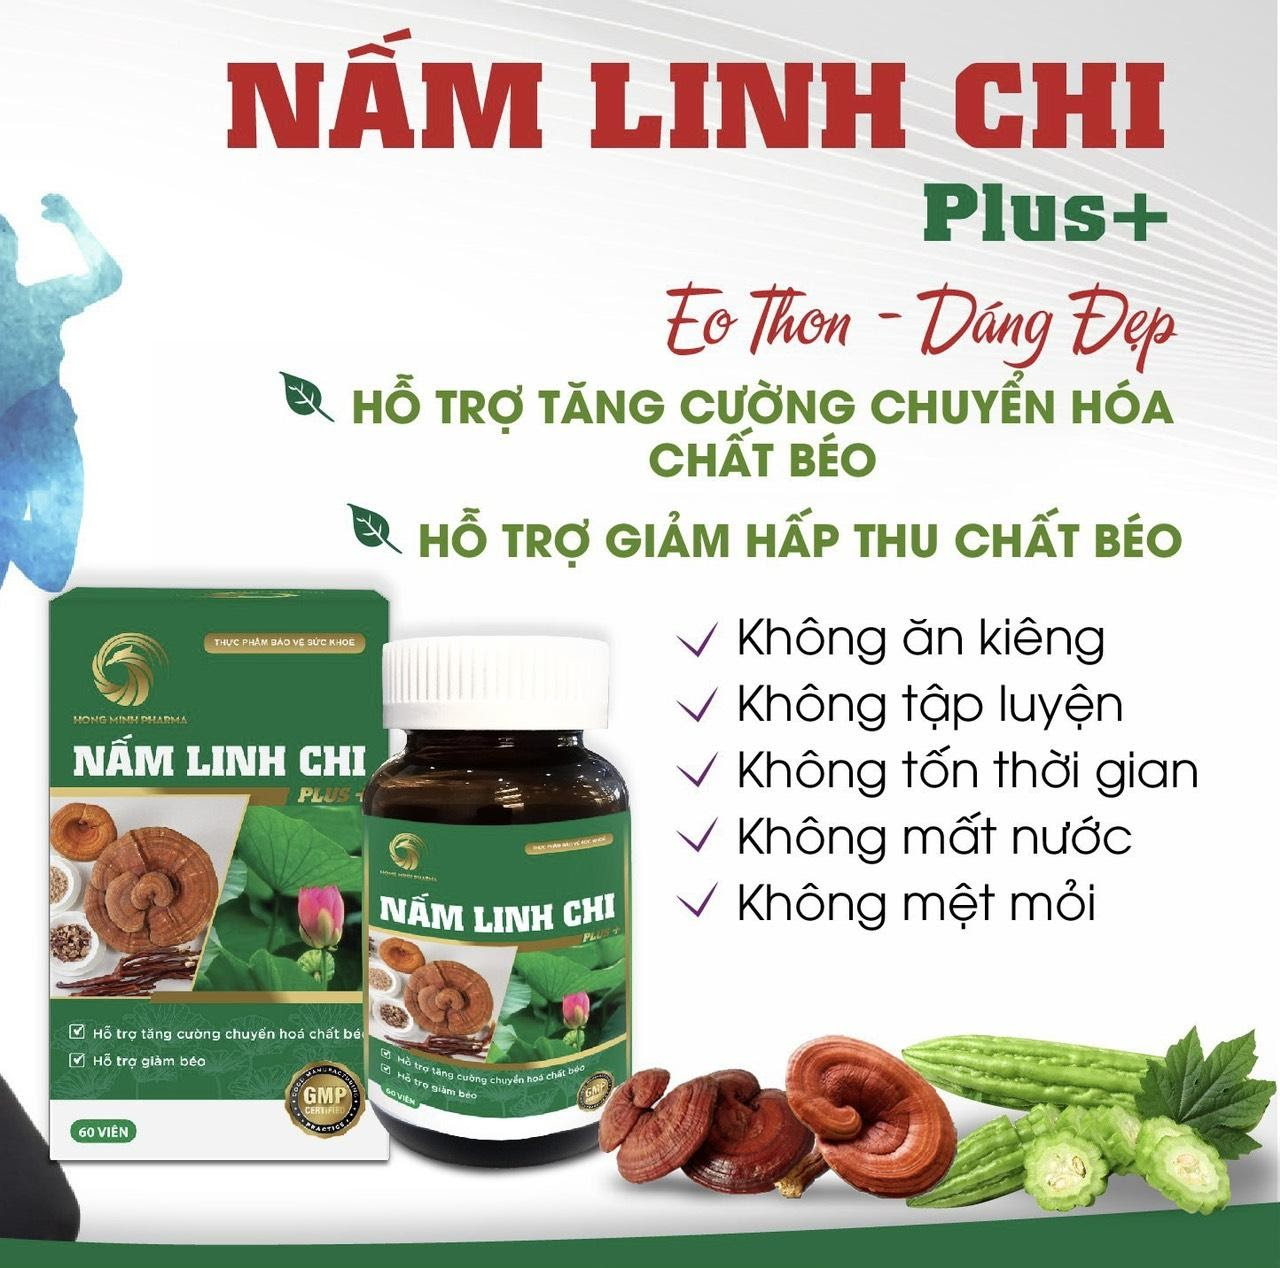 Cách nhận diện sản phẩm chính hãng từ Công ty TNHH Dược phẩm Hồng Minh Pharma